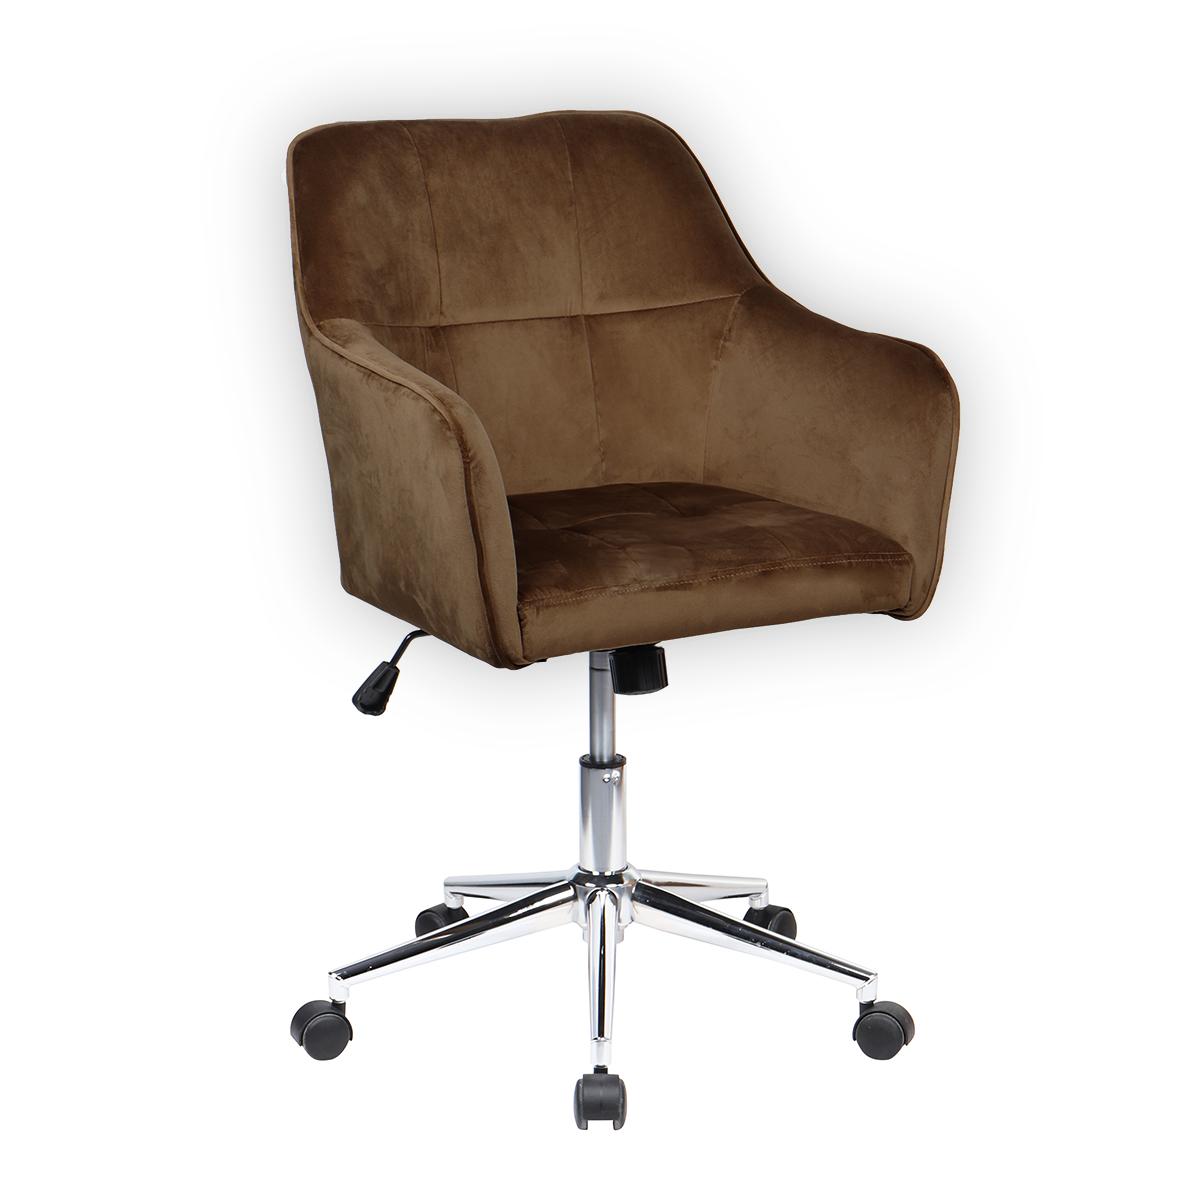 90359 SVITA JAKE Schreibtischstuhl mit Armlehnen Höhenverstellbar Drehstuhl mit Rollen Samt-Bezug Braun